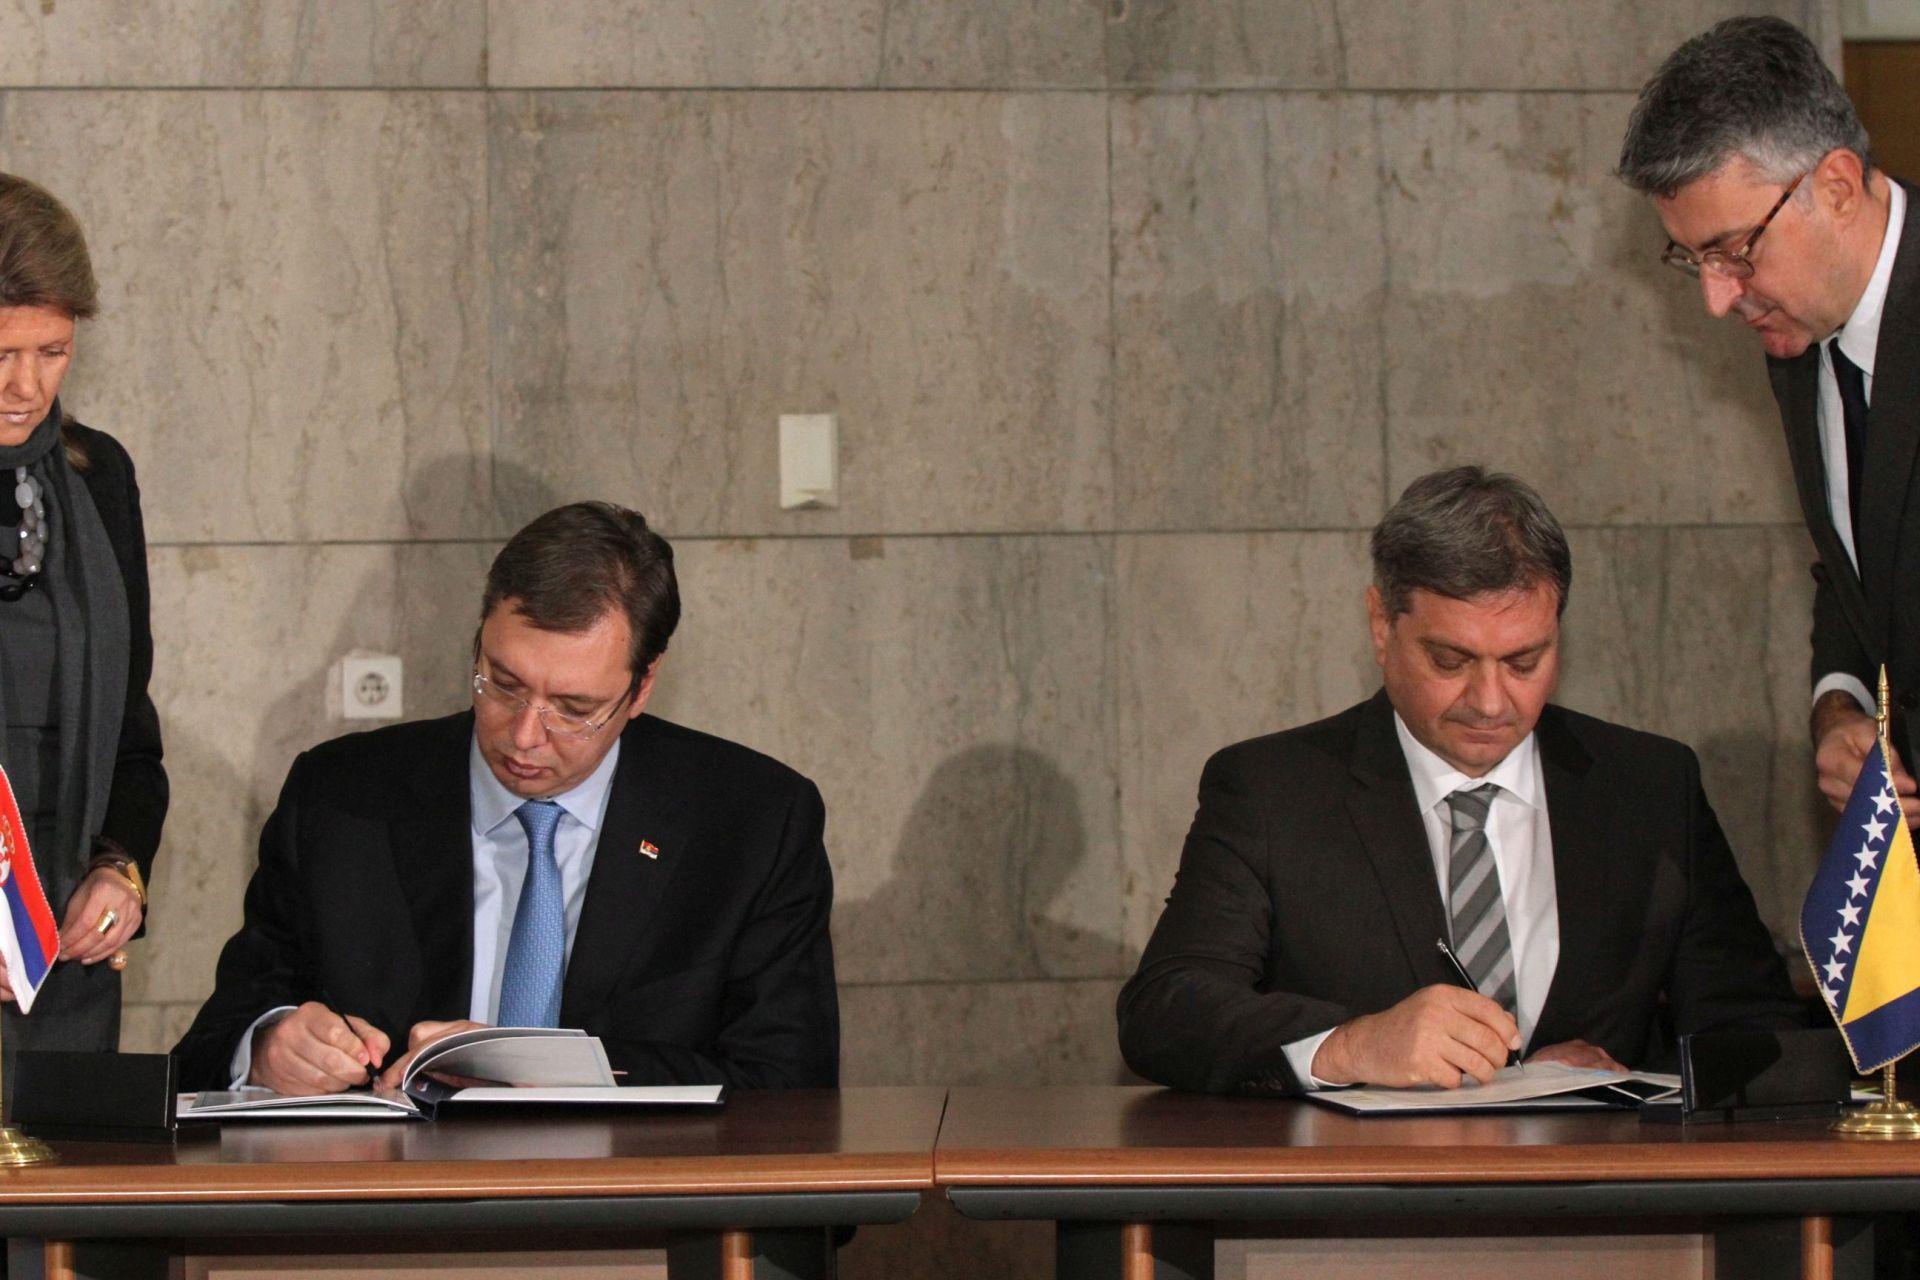 BOLJA SURADNJA: Srbija i BiH opredijeljene za poboljšanje gospodarskih odnosa